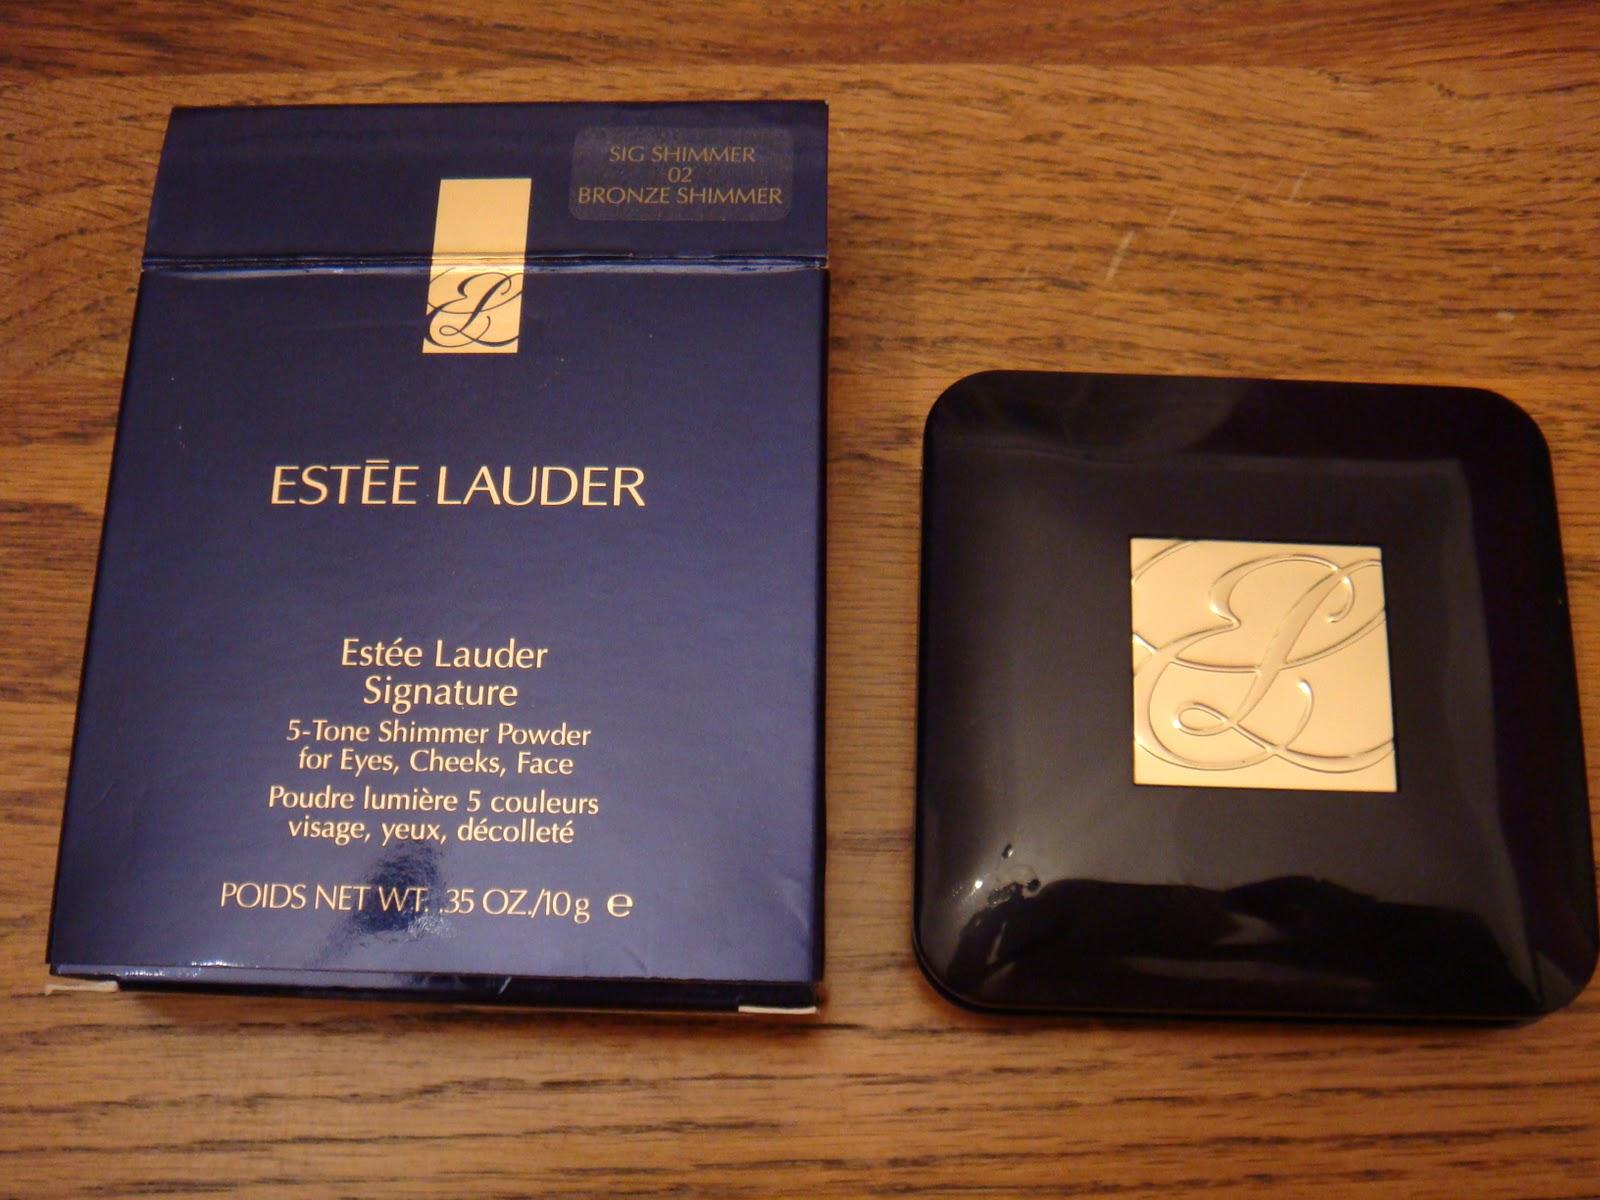 Шиммер estee lauder, Шиммер Estee Lauder Signature Bronze Shimmer отзывы 10 фотография